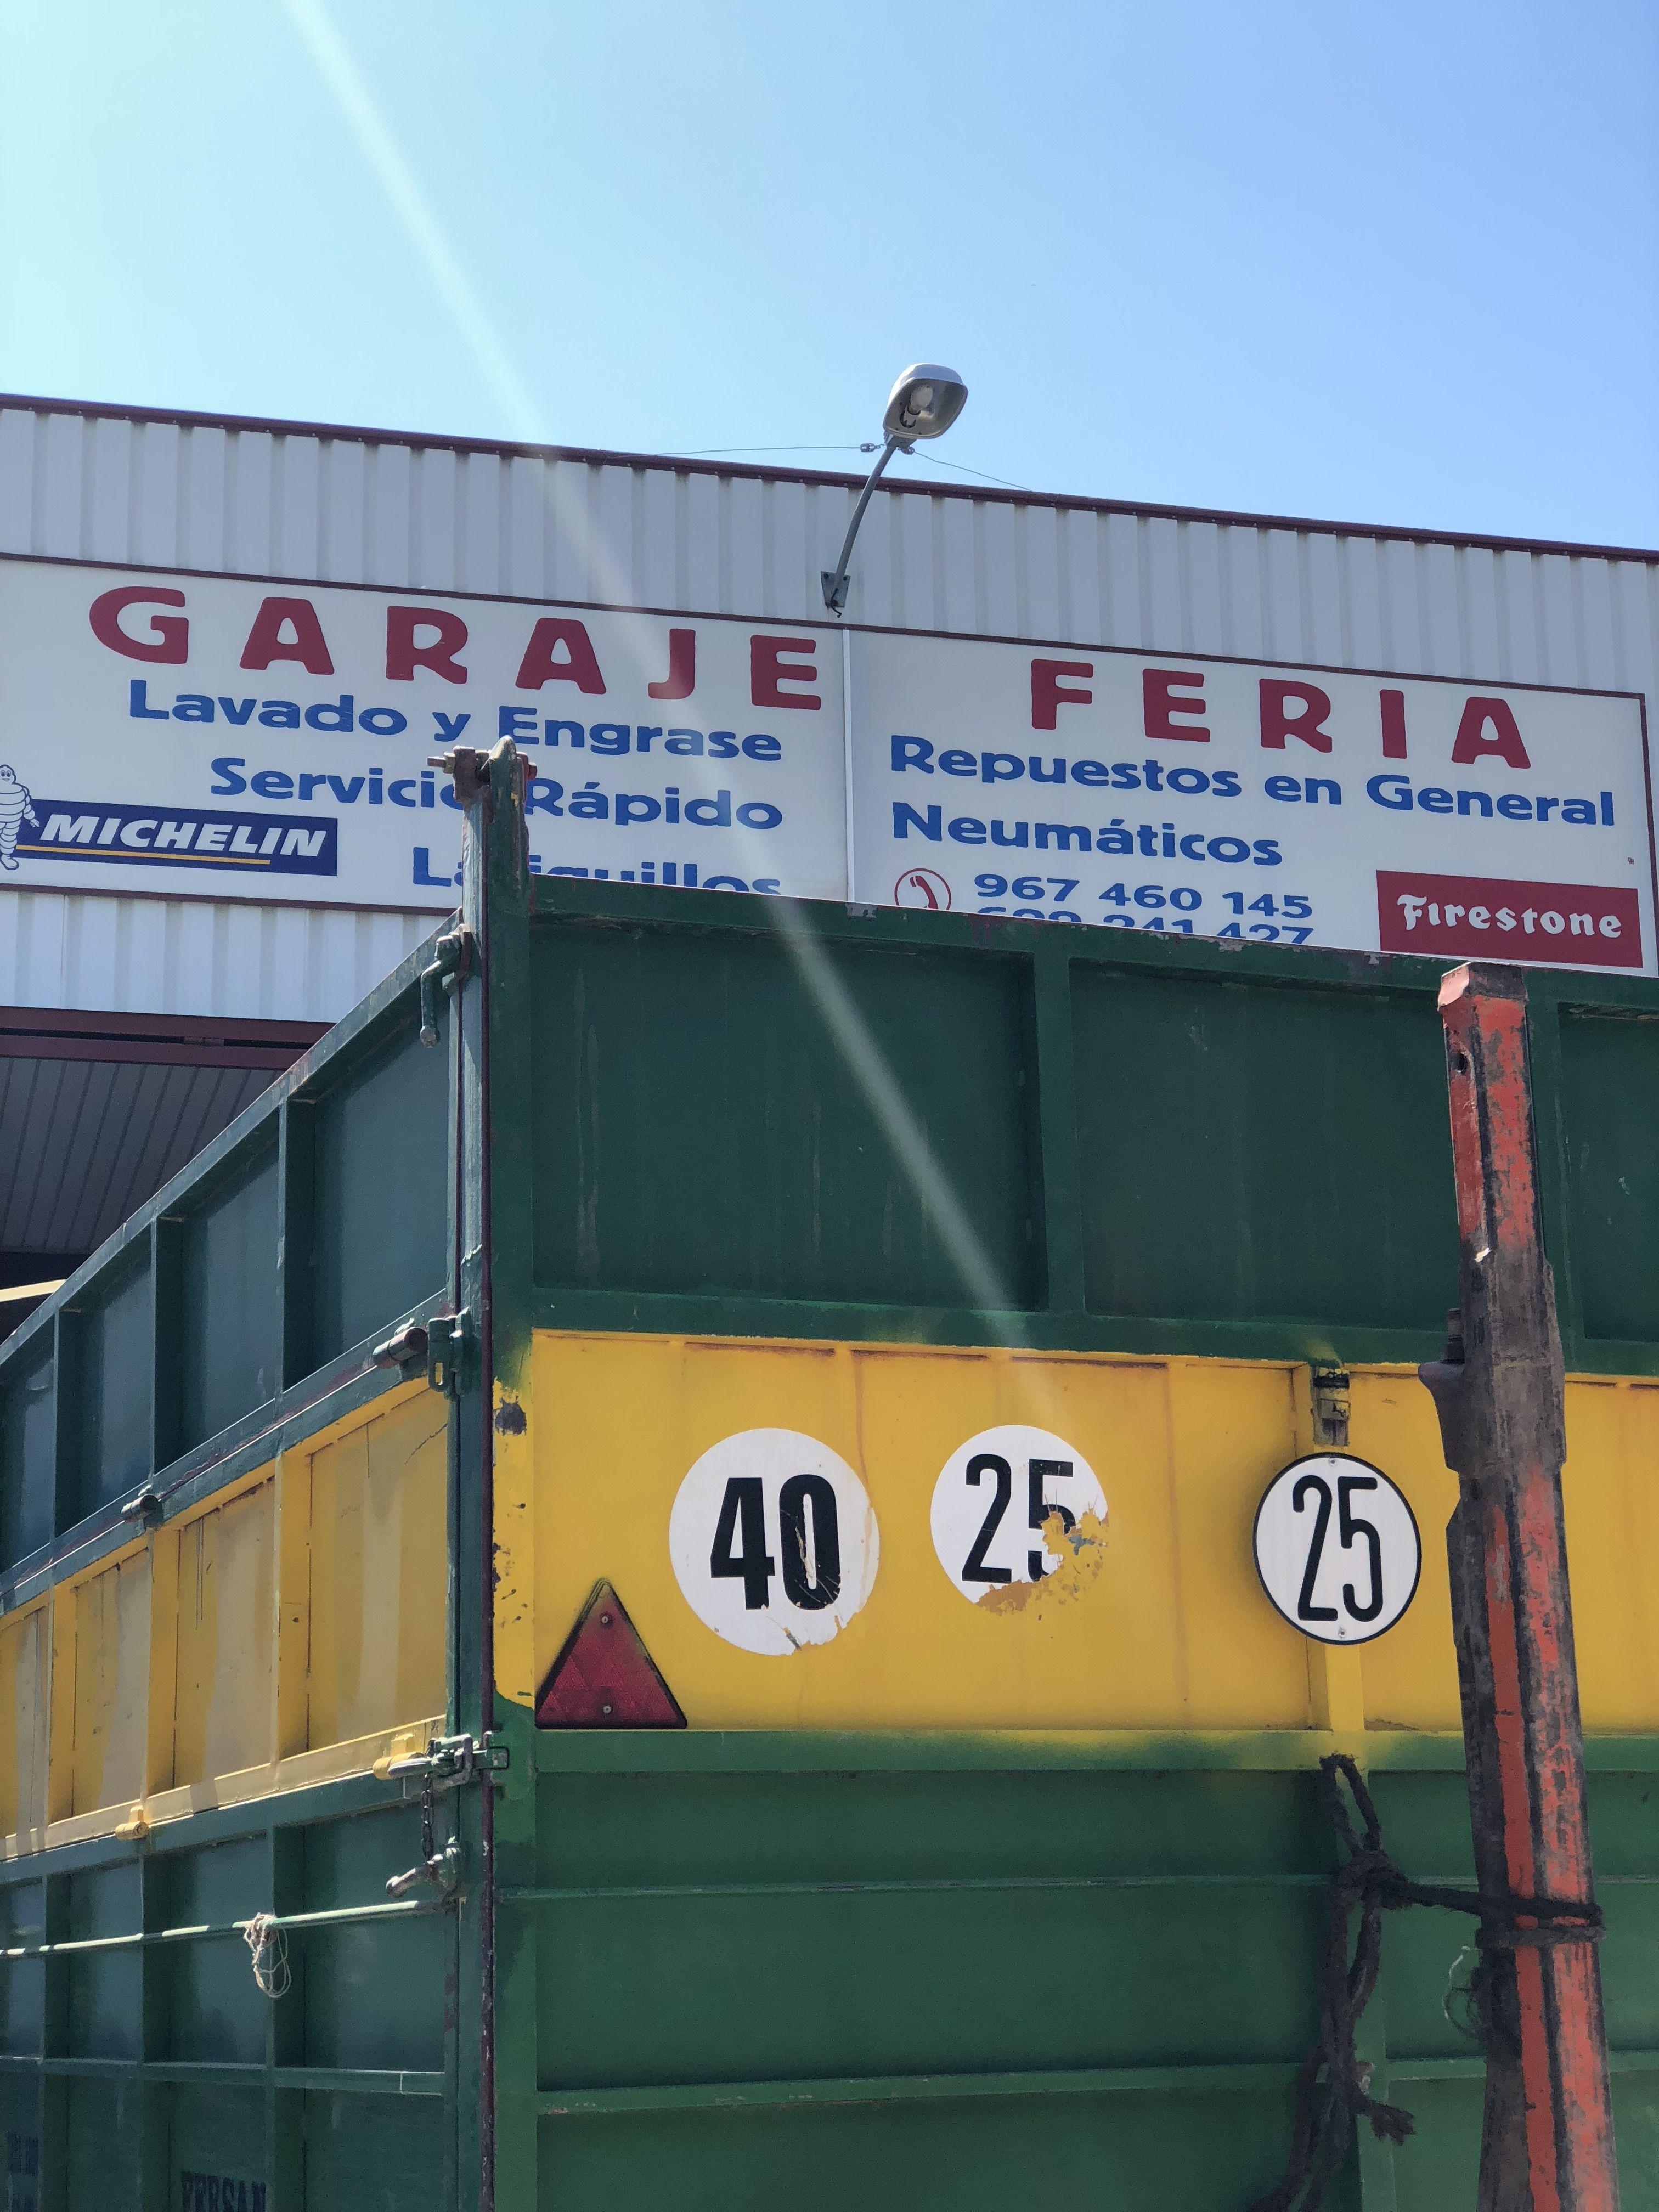 Taller con repuestos y recambios en general en Albacete